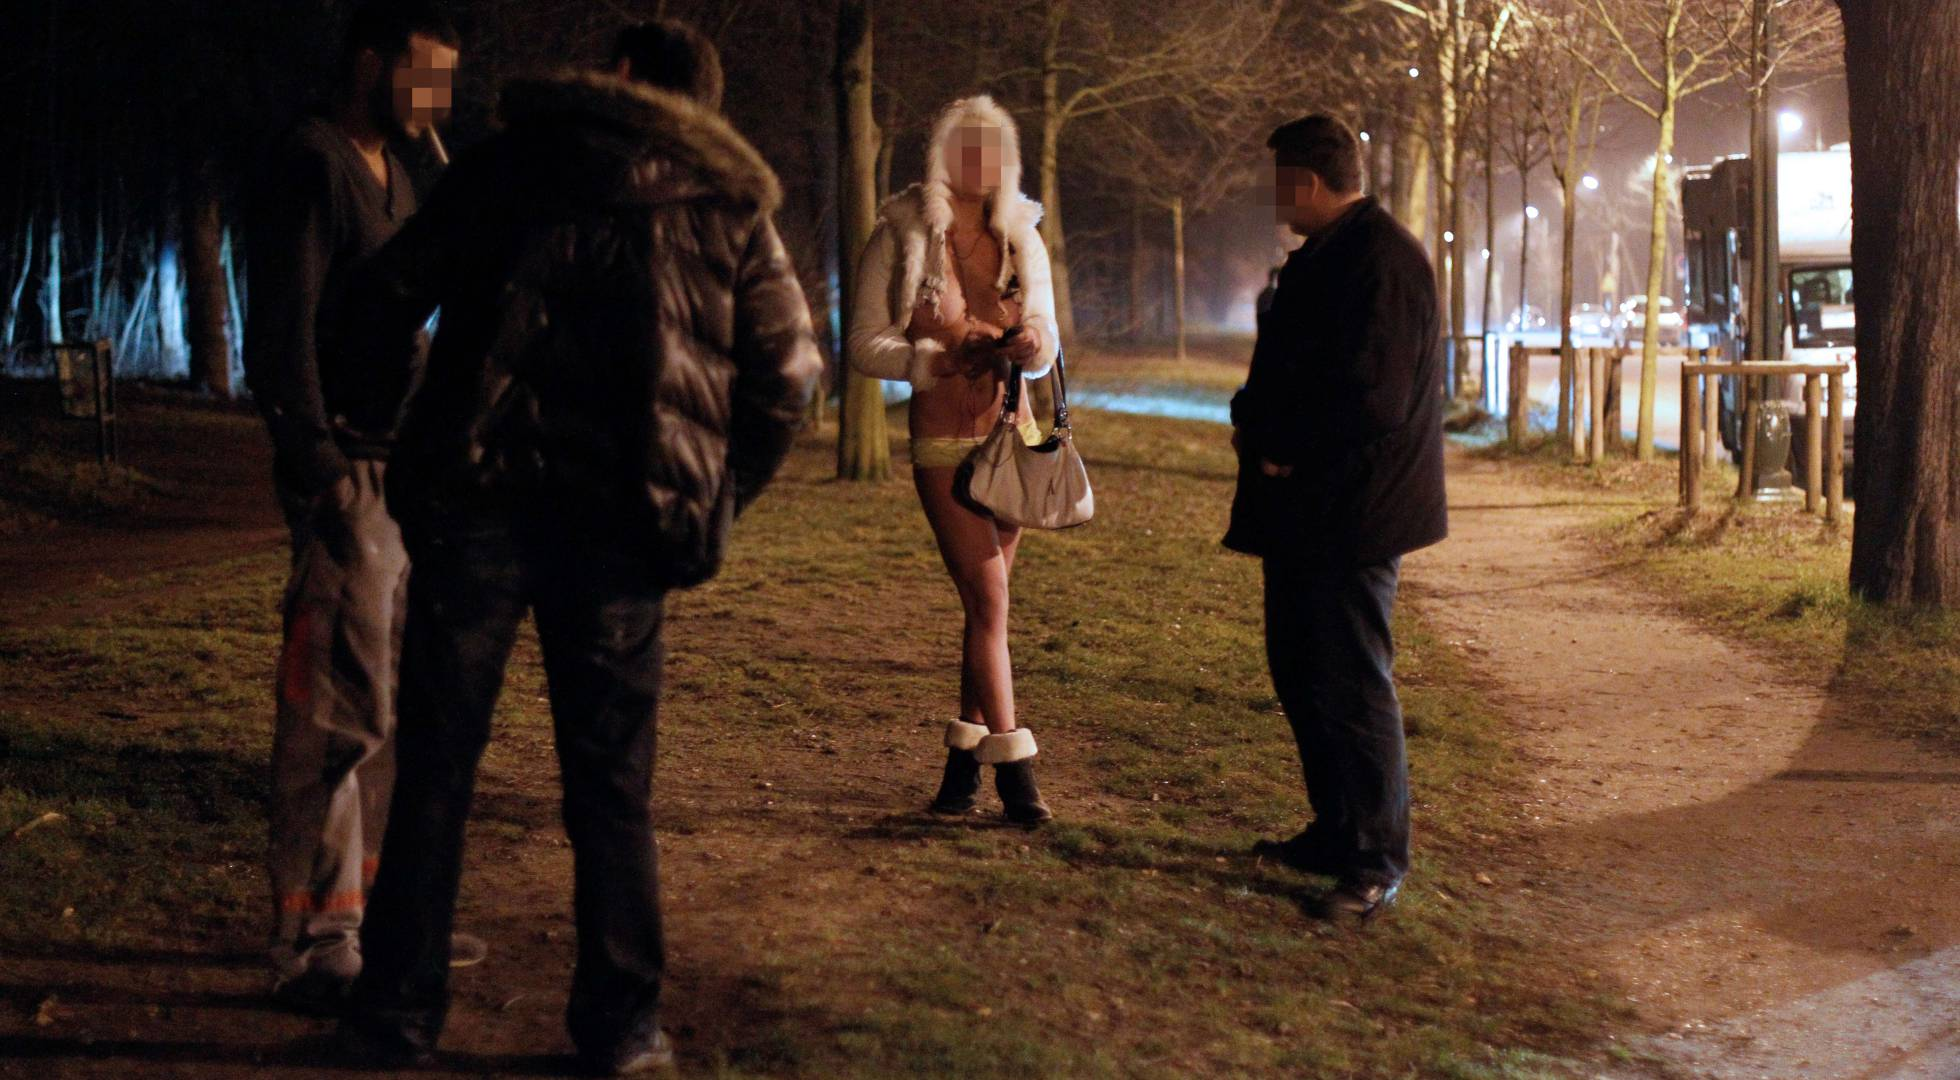 prostitutas para minusvalidos entrevistas a prostitutas